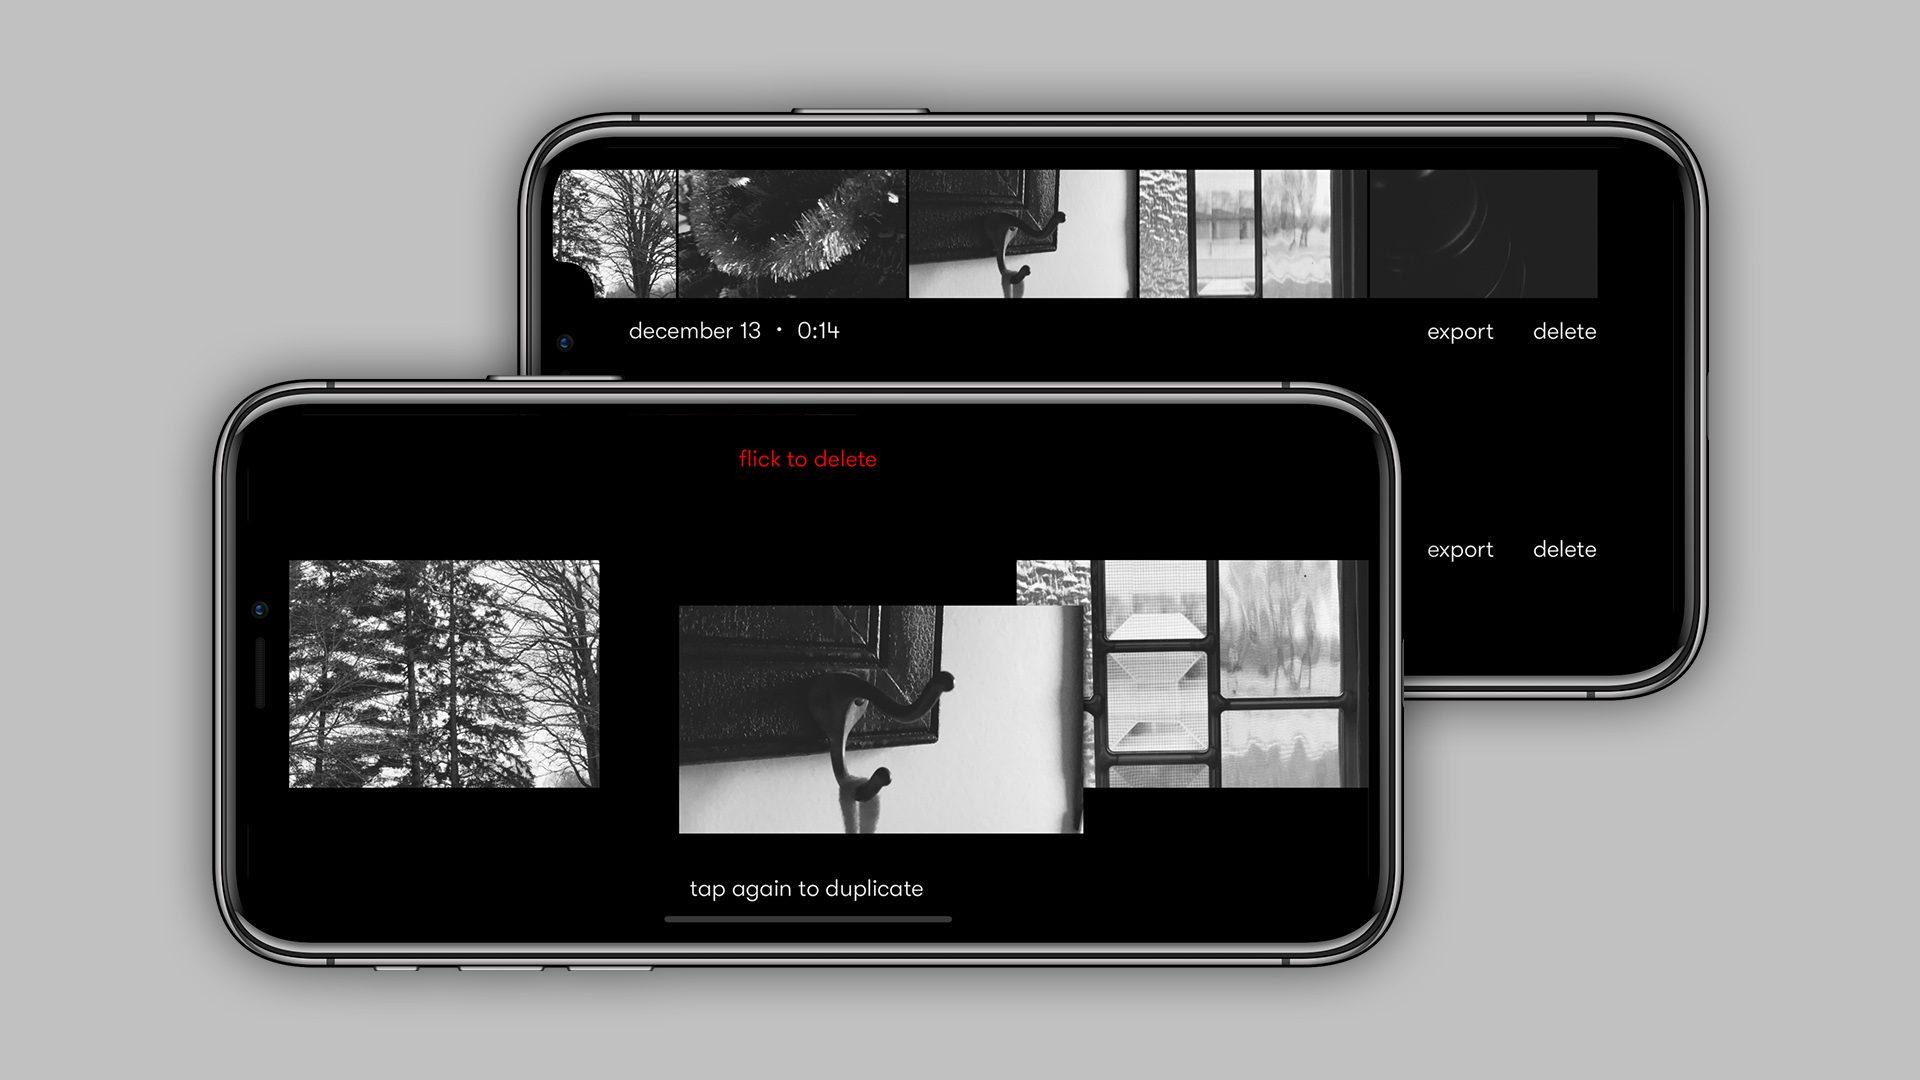 Zinema bideo aplikazioa iPhone: Nizo